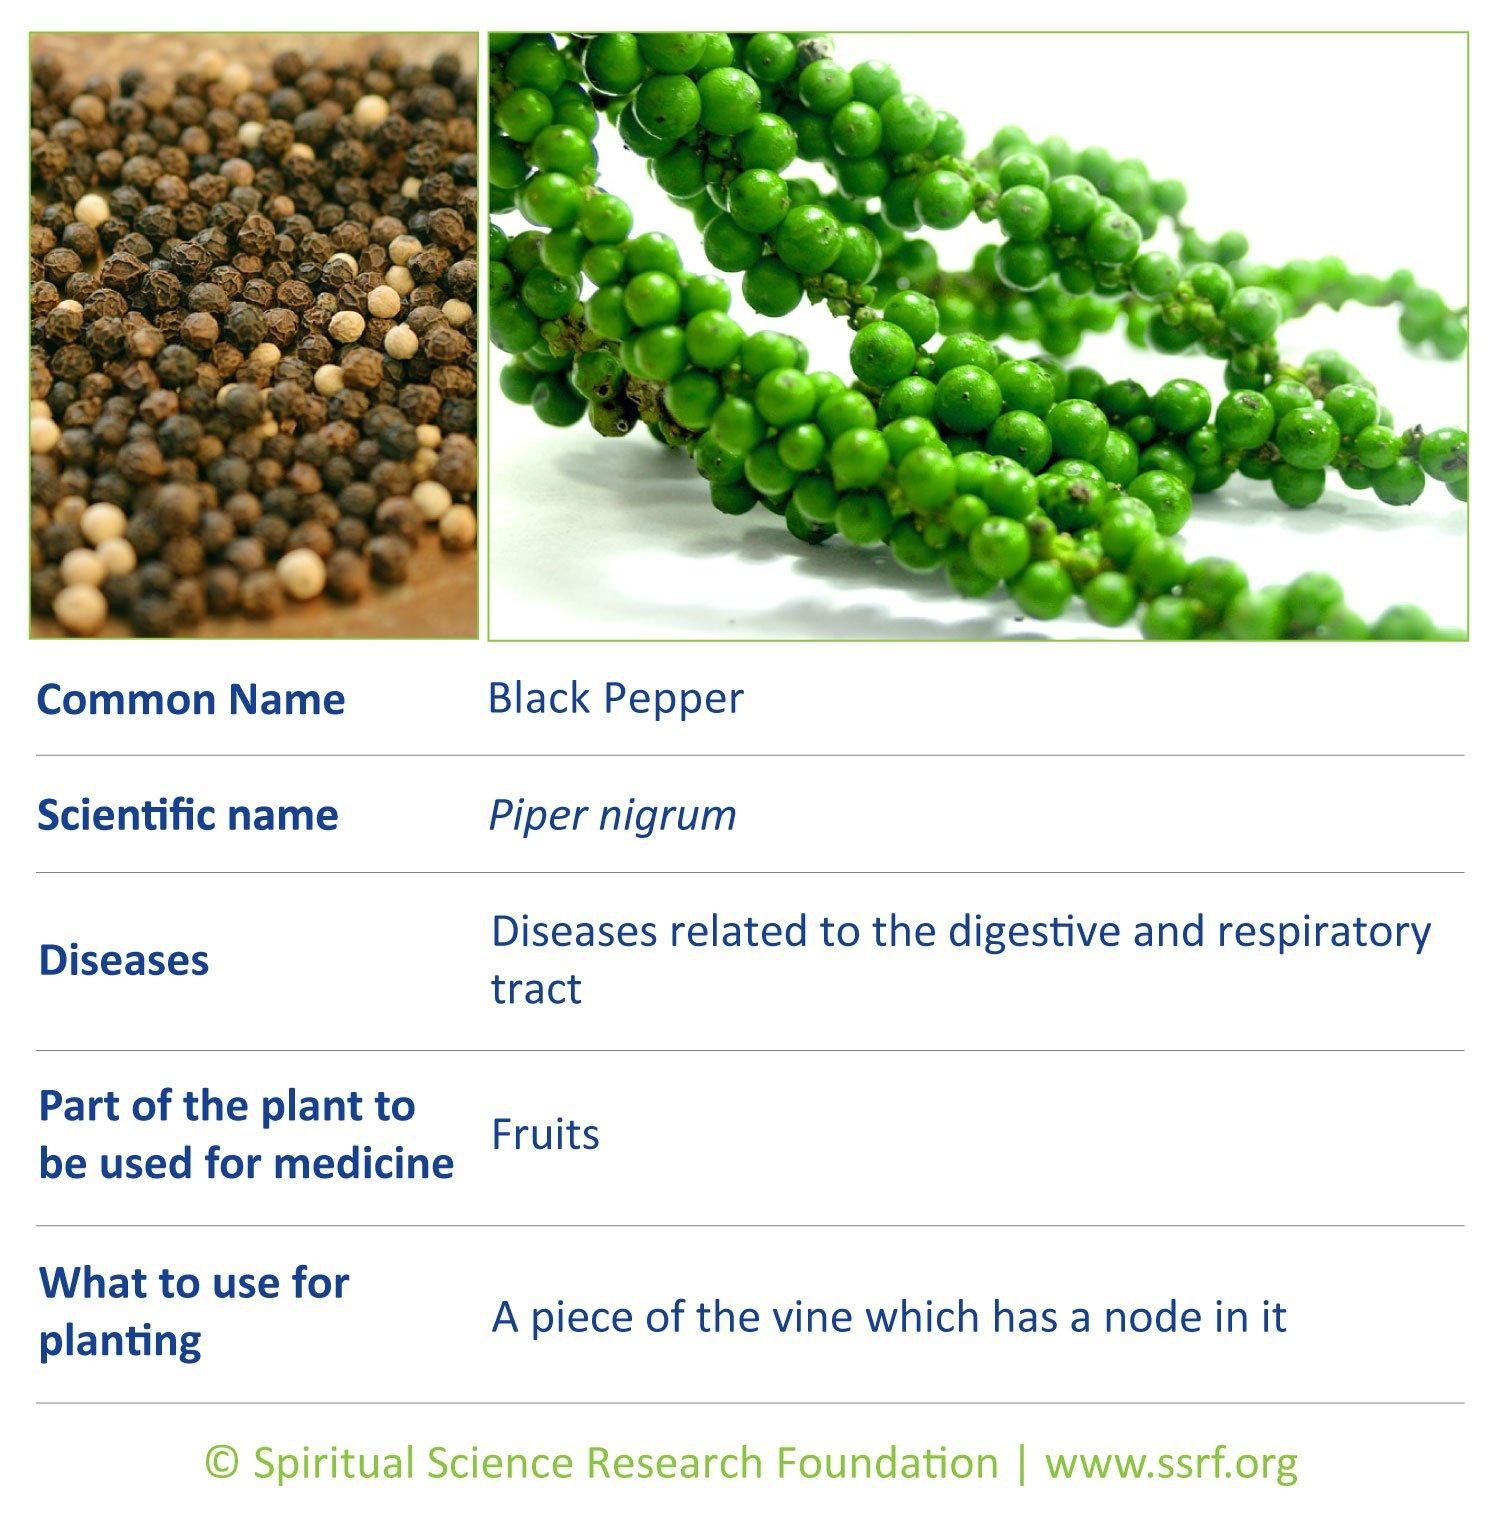 Vines-6-Black-Pepper